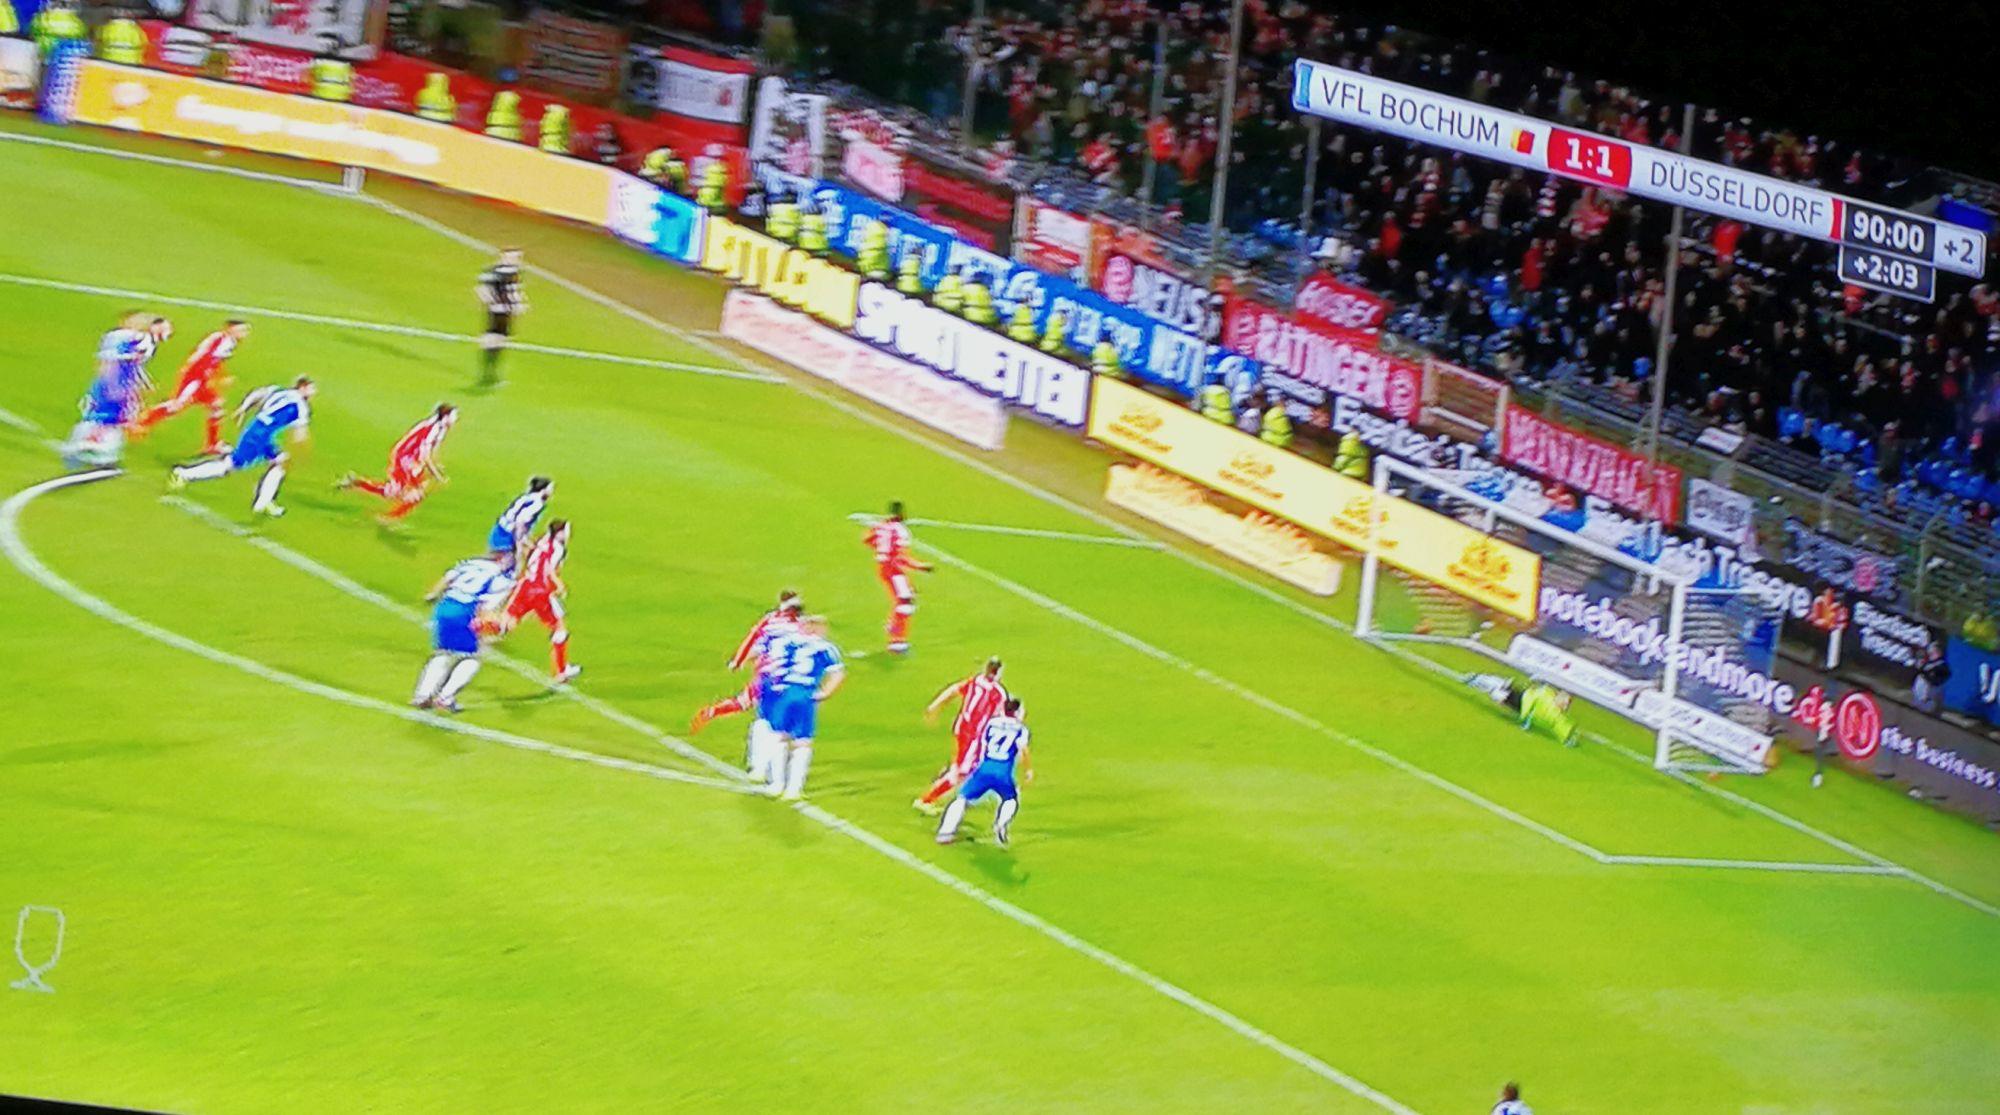 Bochum vs F95 1:2 - Bebous Elfer